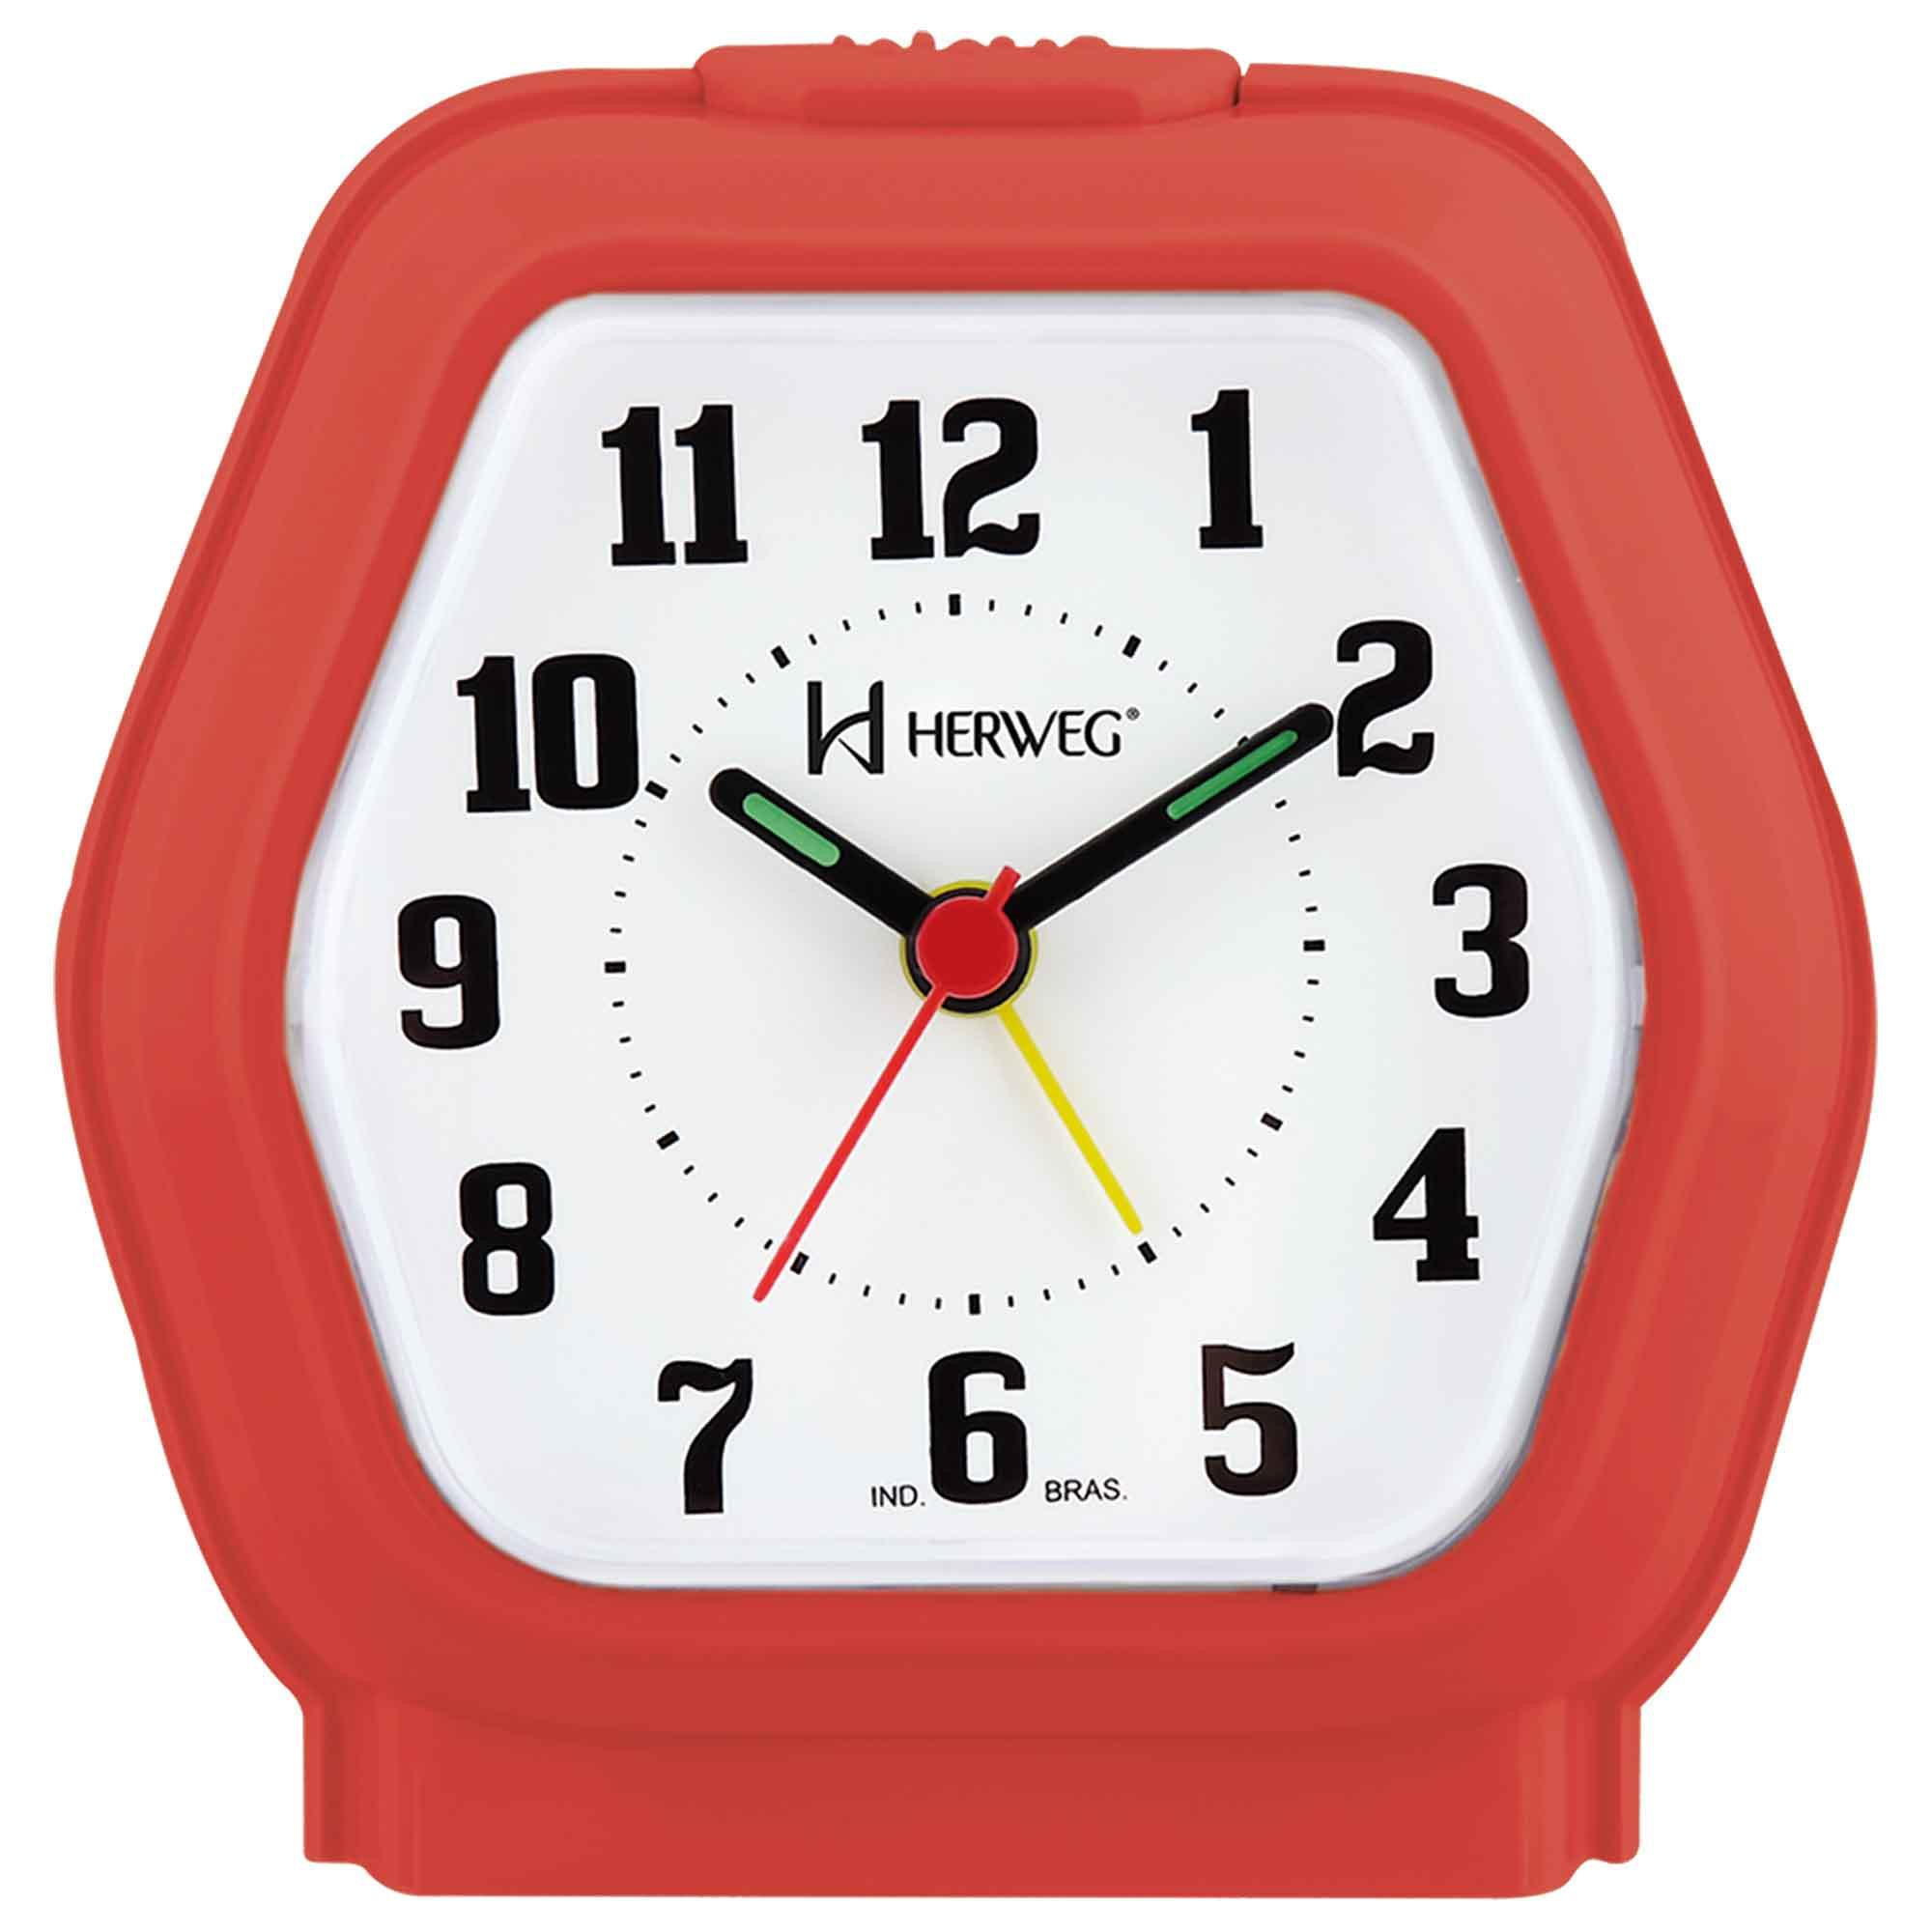 Despertador Analógico Quartzo Herweg 2635 269 Vermelho Pantone